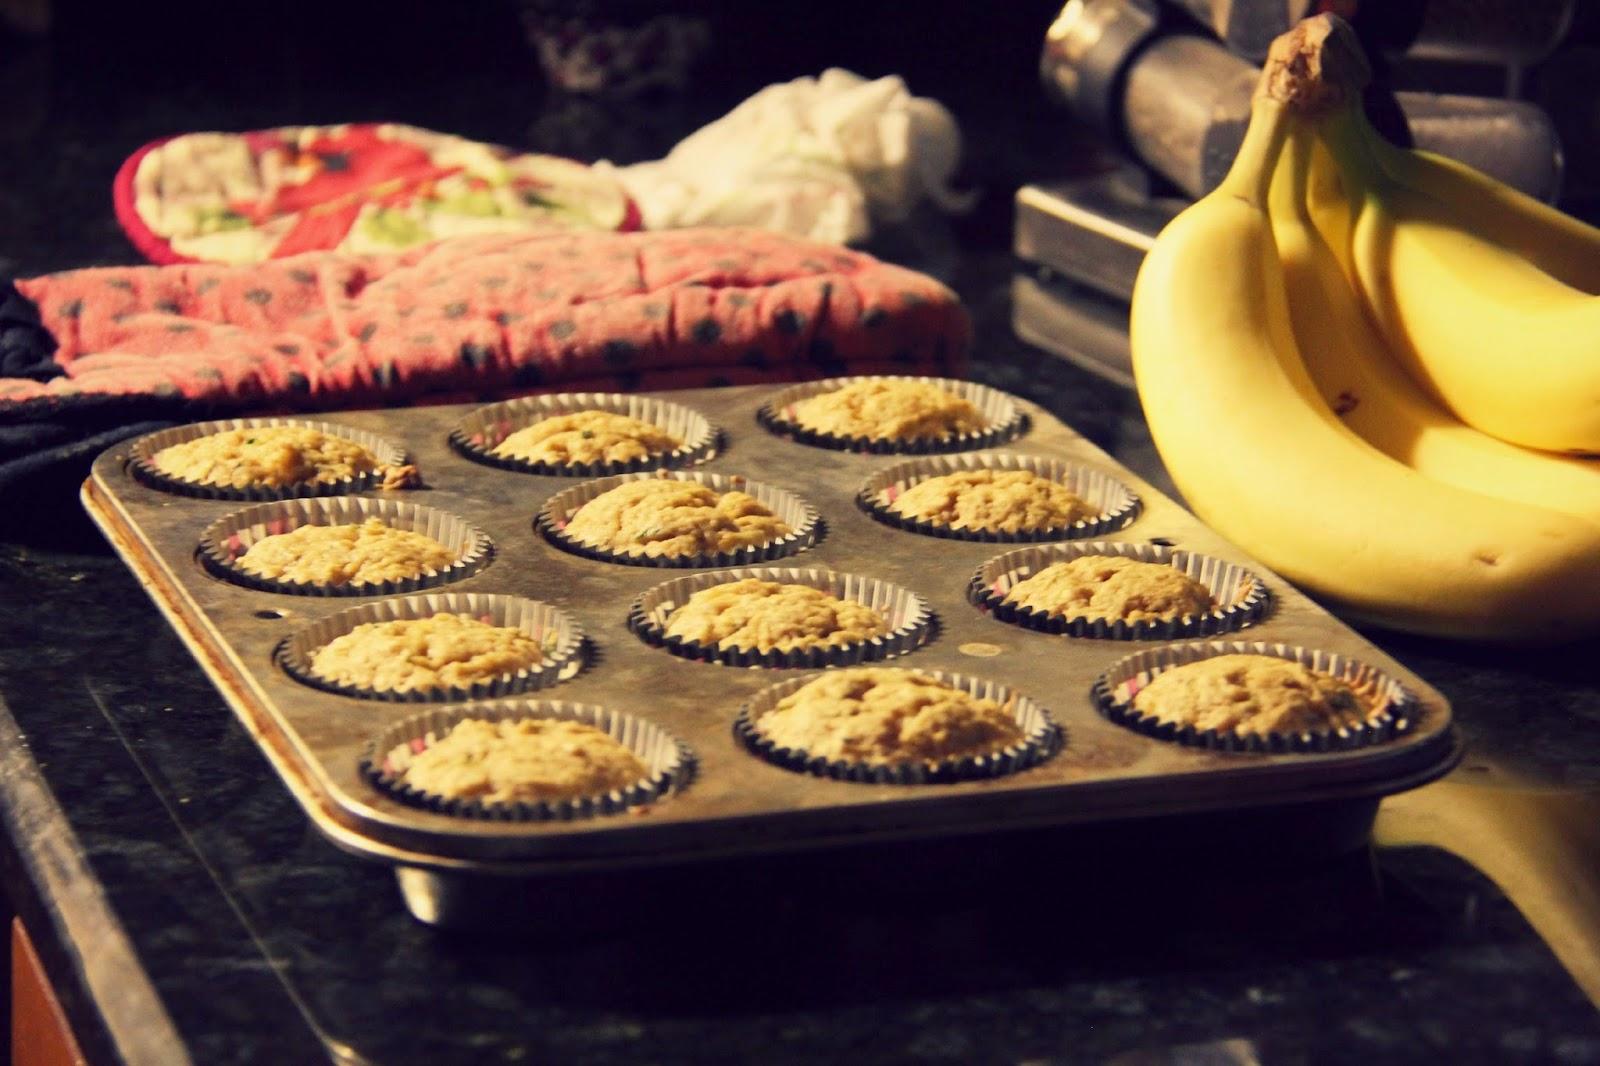 http://www.cupcakesandsunshine.com/2014/06/midnight-snacks-pineapple-zucchini.html